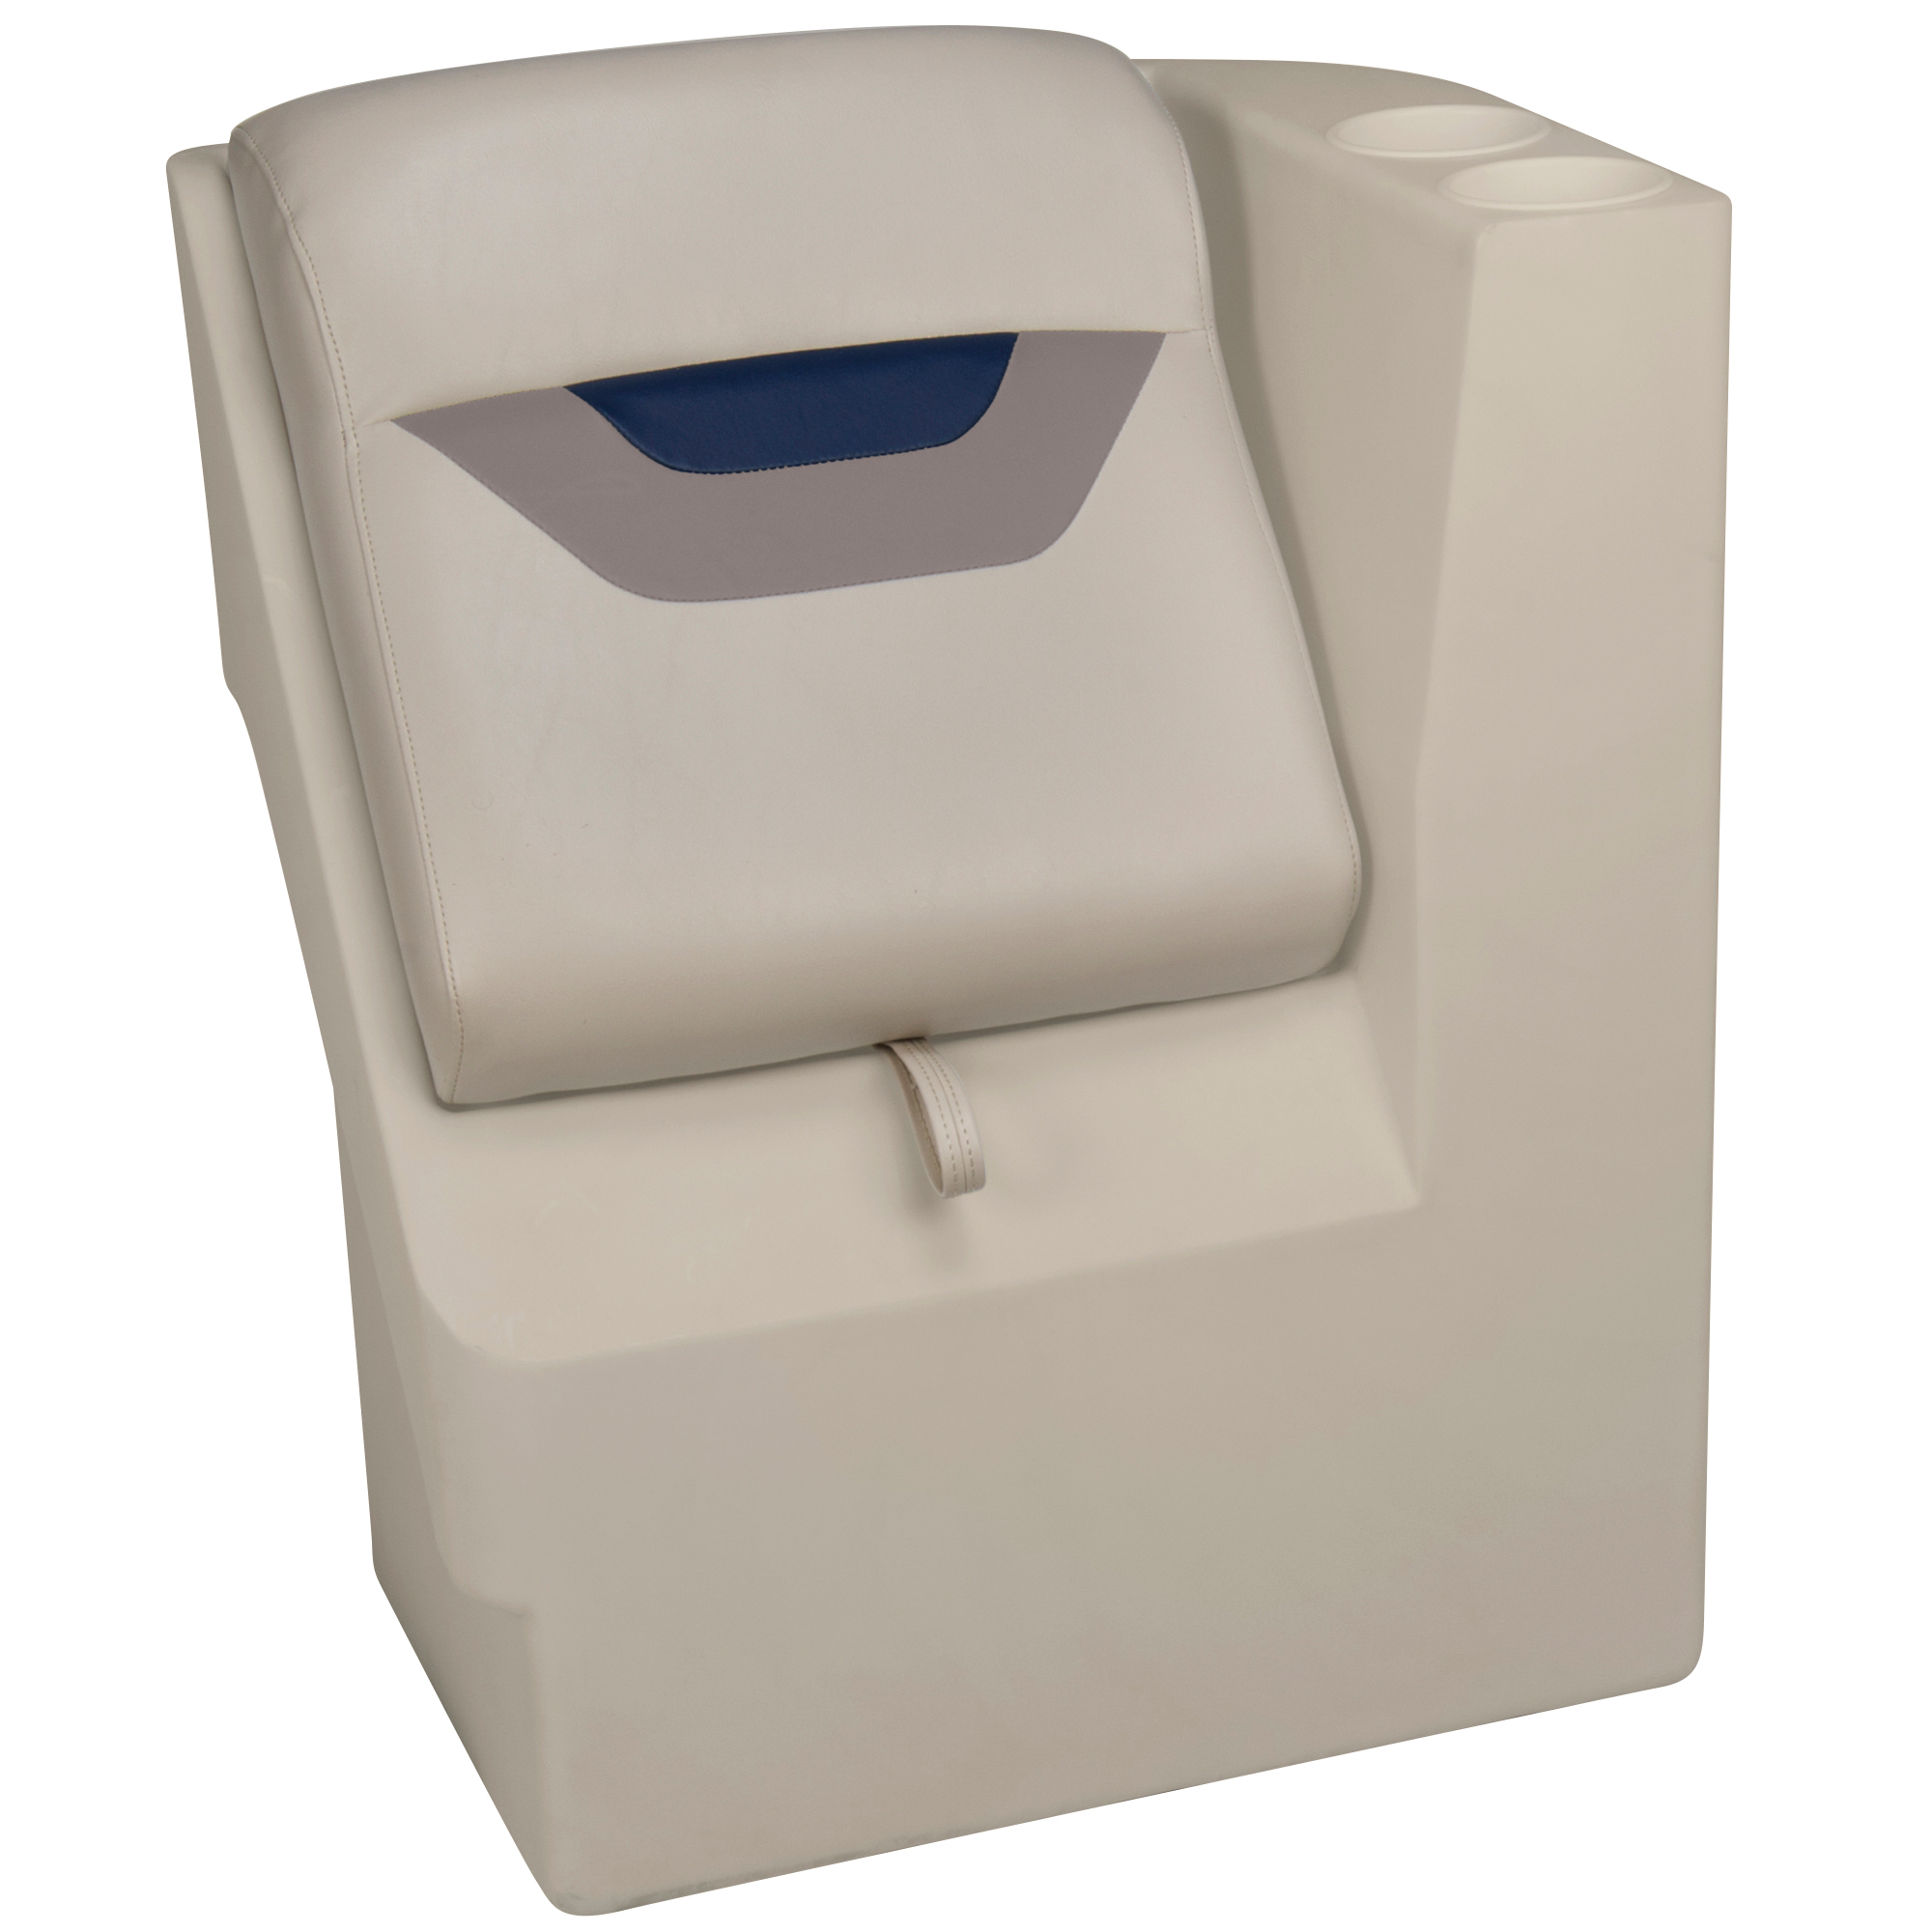 Toonmate Designer Pontoon Left-Side Lean-Back Seat